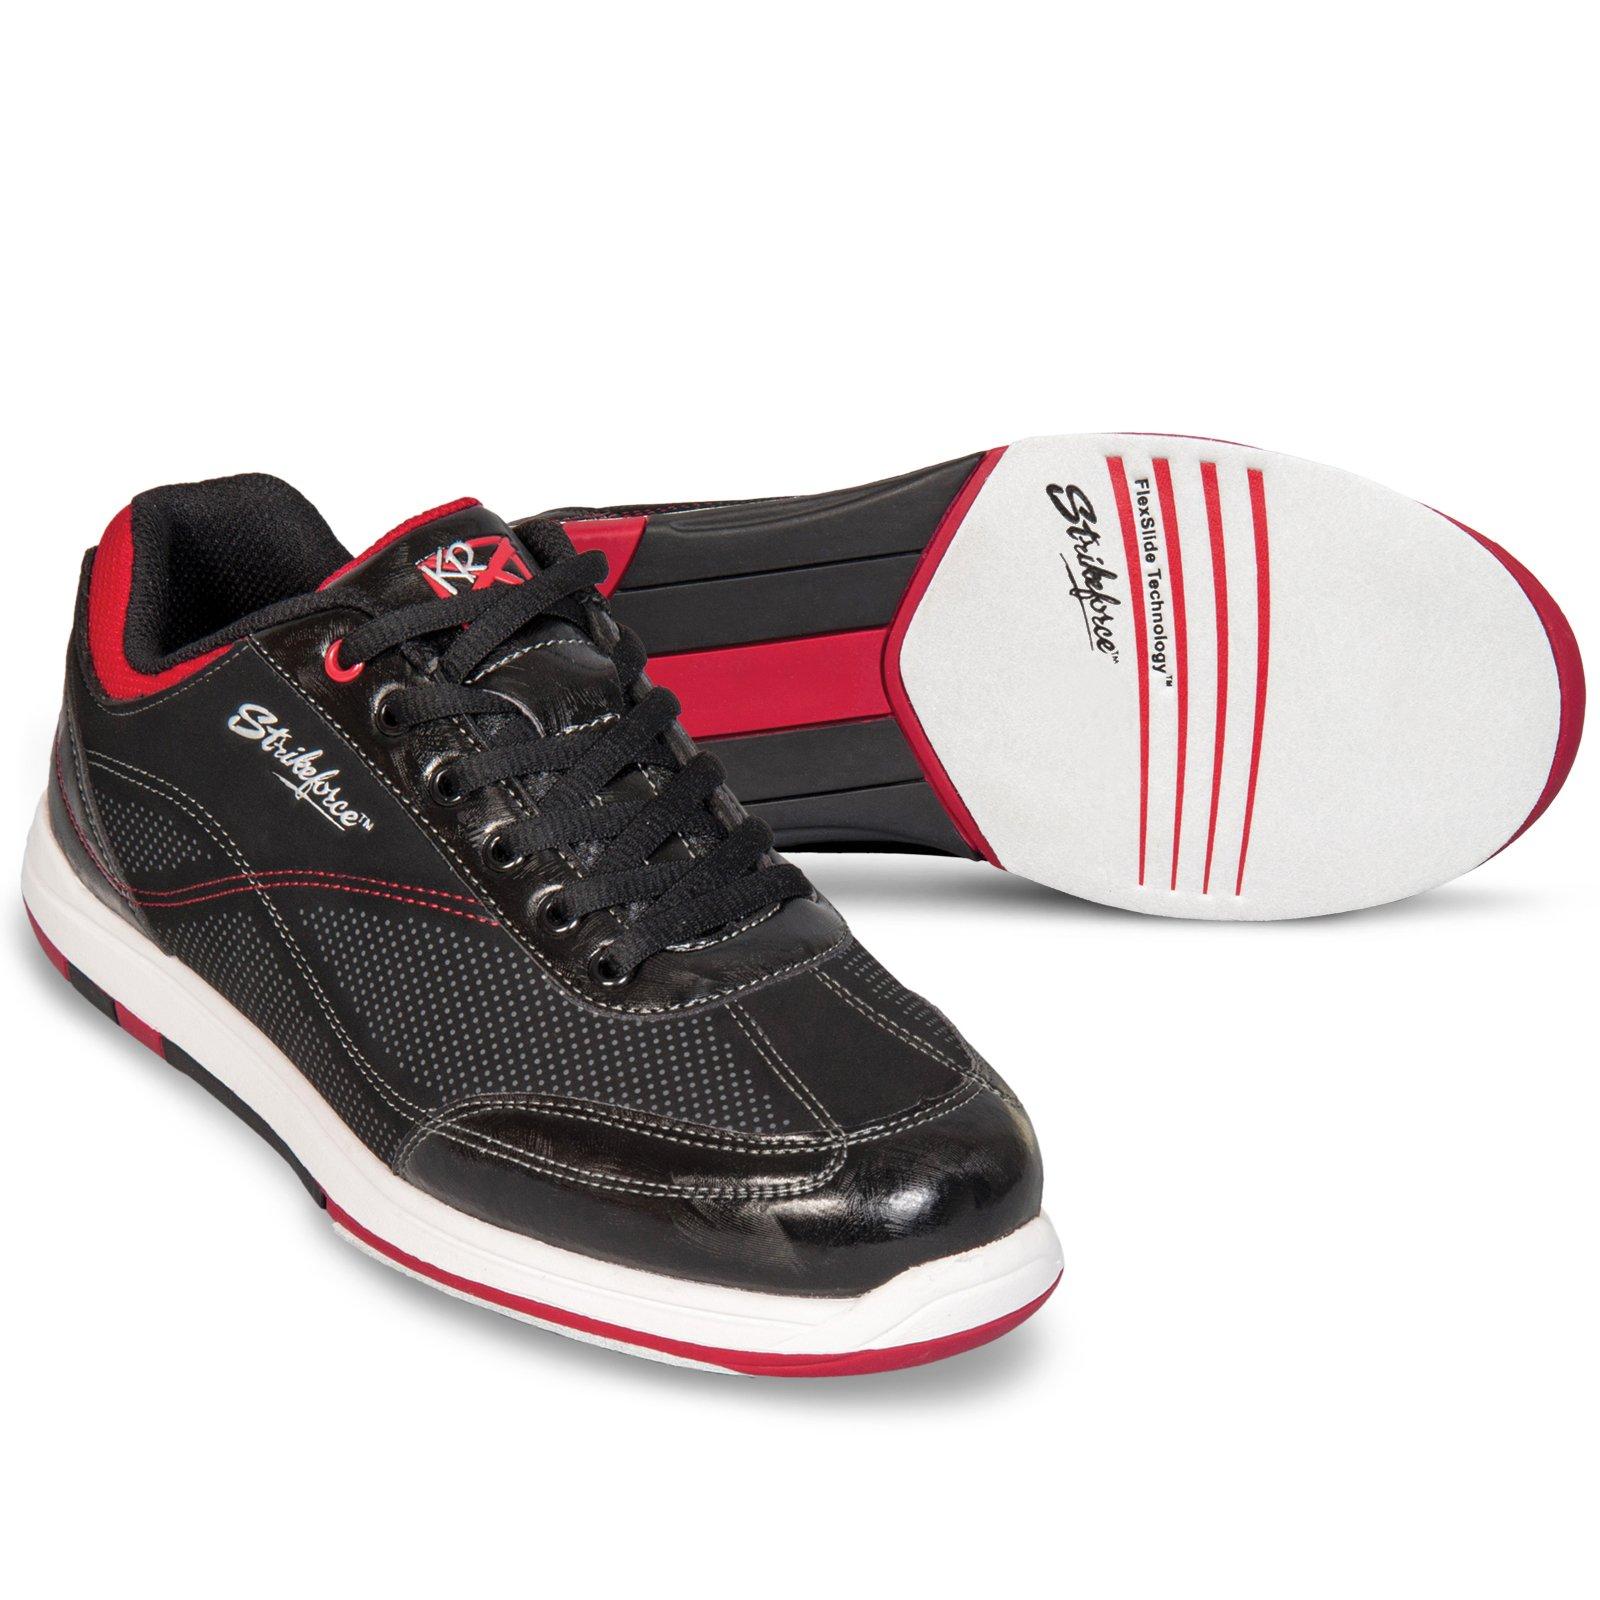 KR Strikeforce M-037-070 Titan Bowling Shoes, Black/Salsa, Size 7